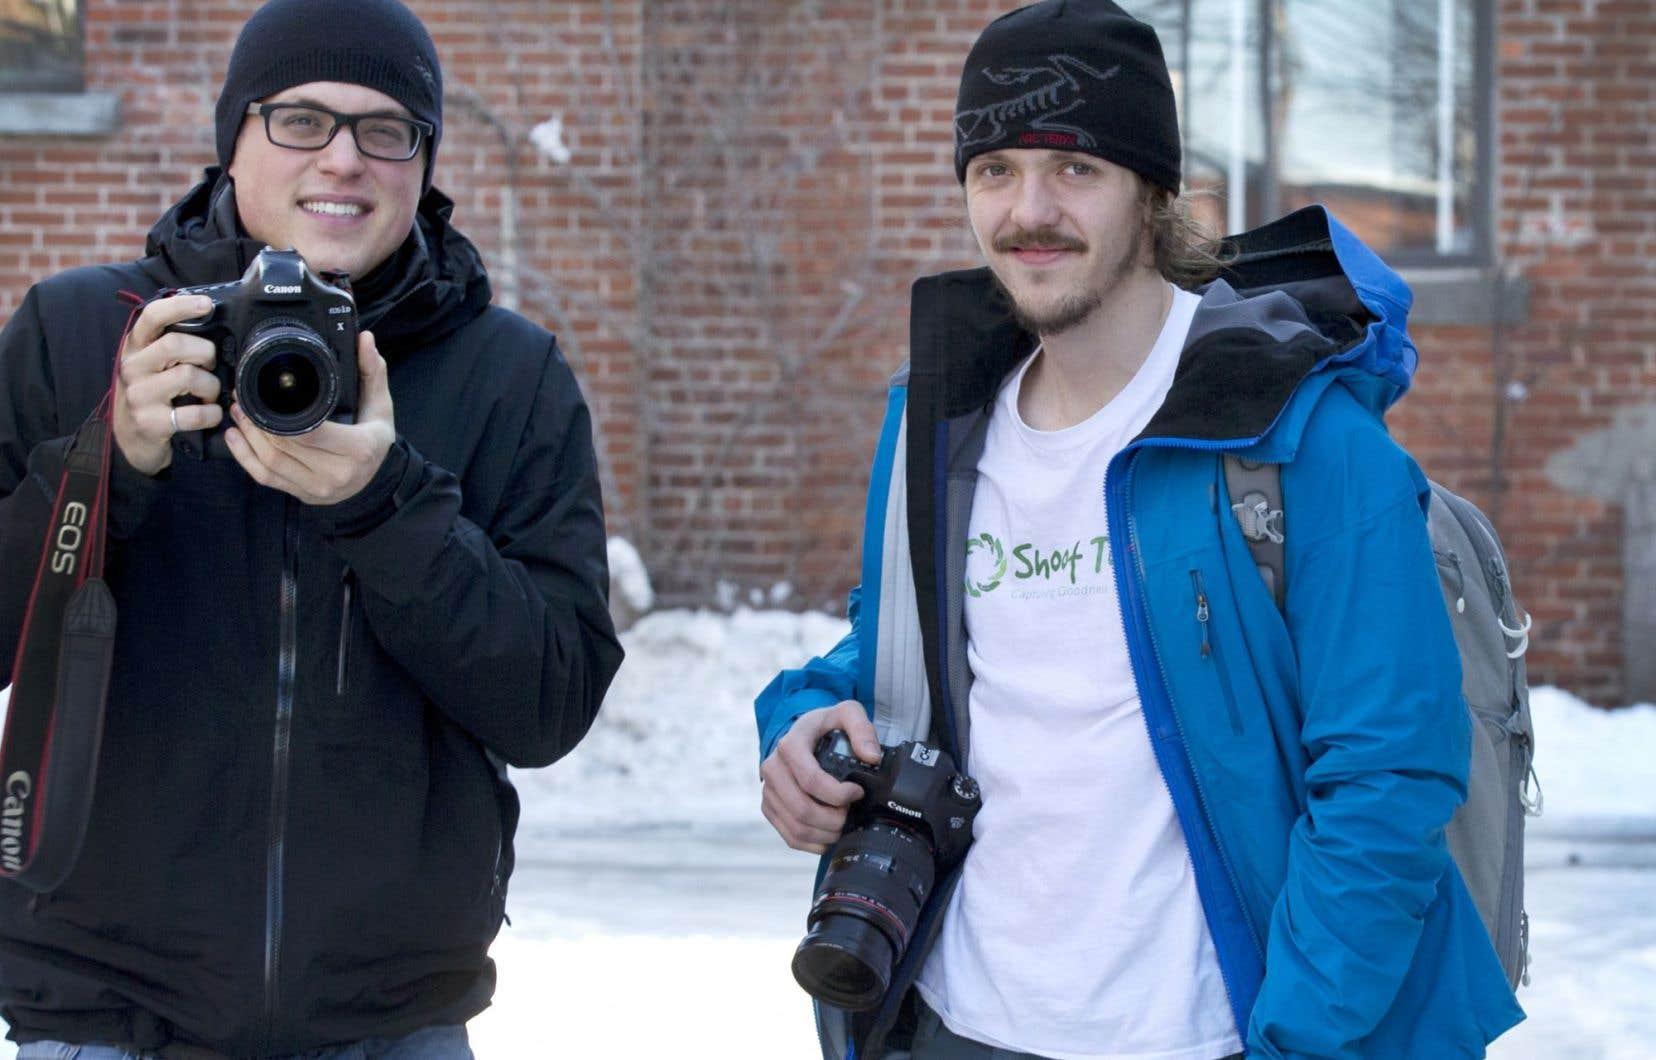 Vincent Simard et Frédéric Séguin s'apprêtent à lancer la première expédition de Shoot to Help.